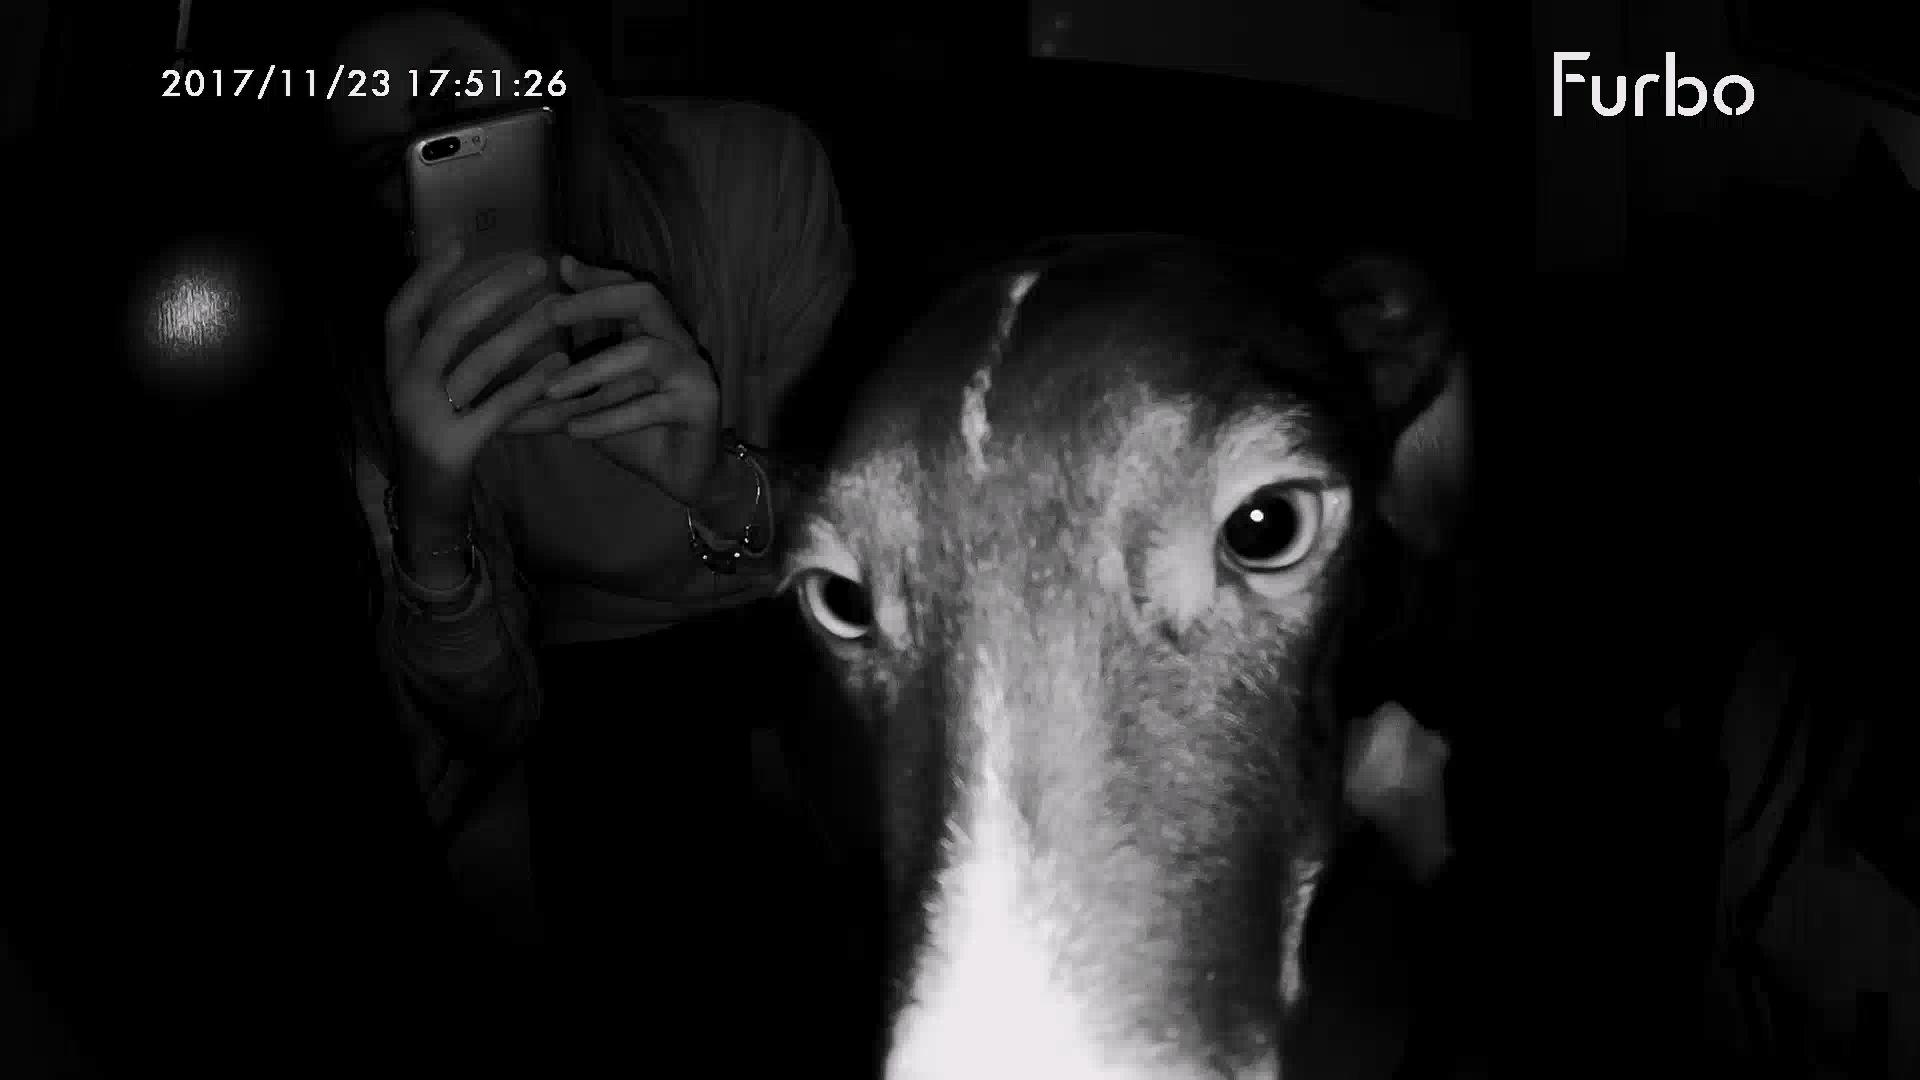 Visión nocturna Furbo cámara